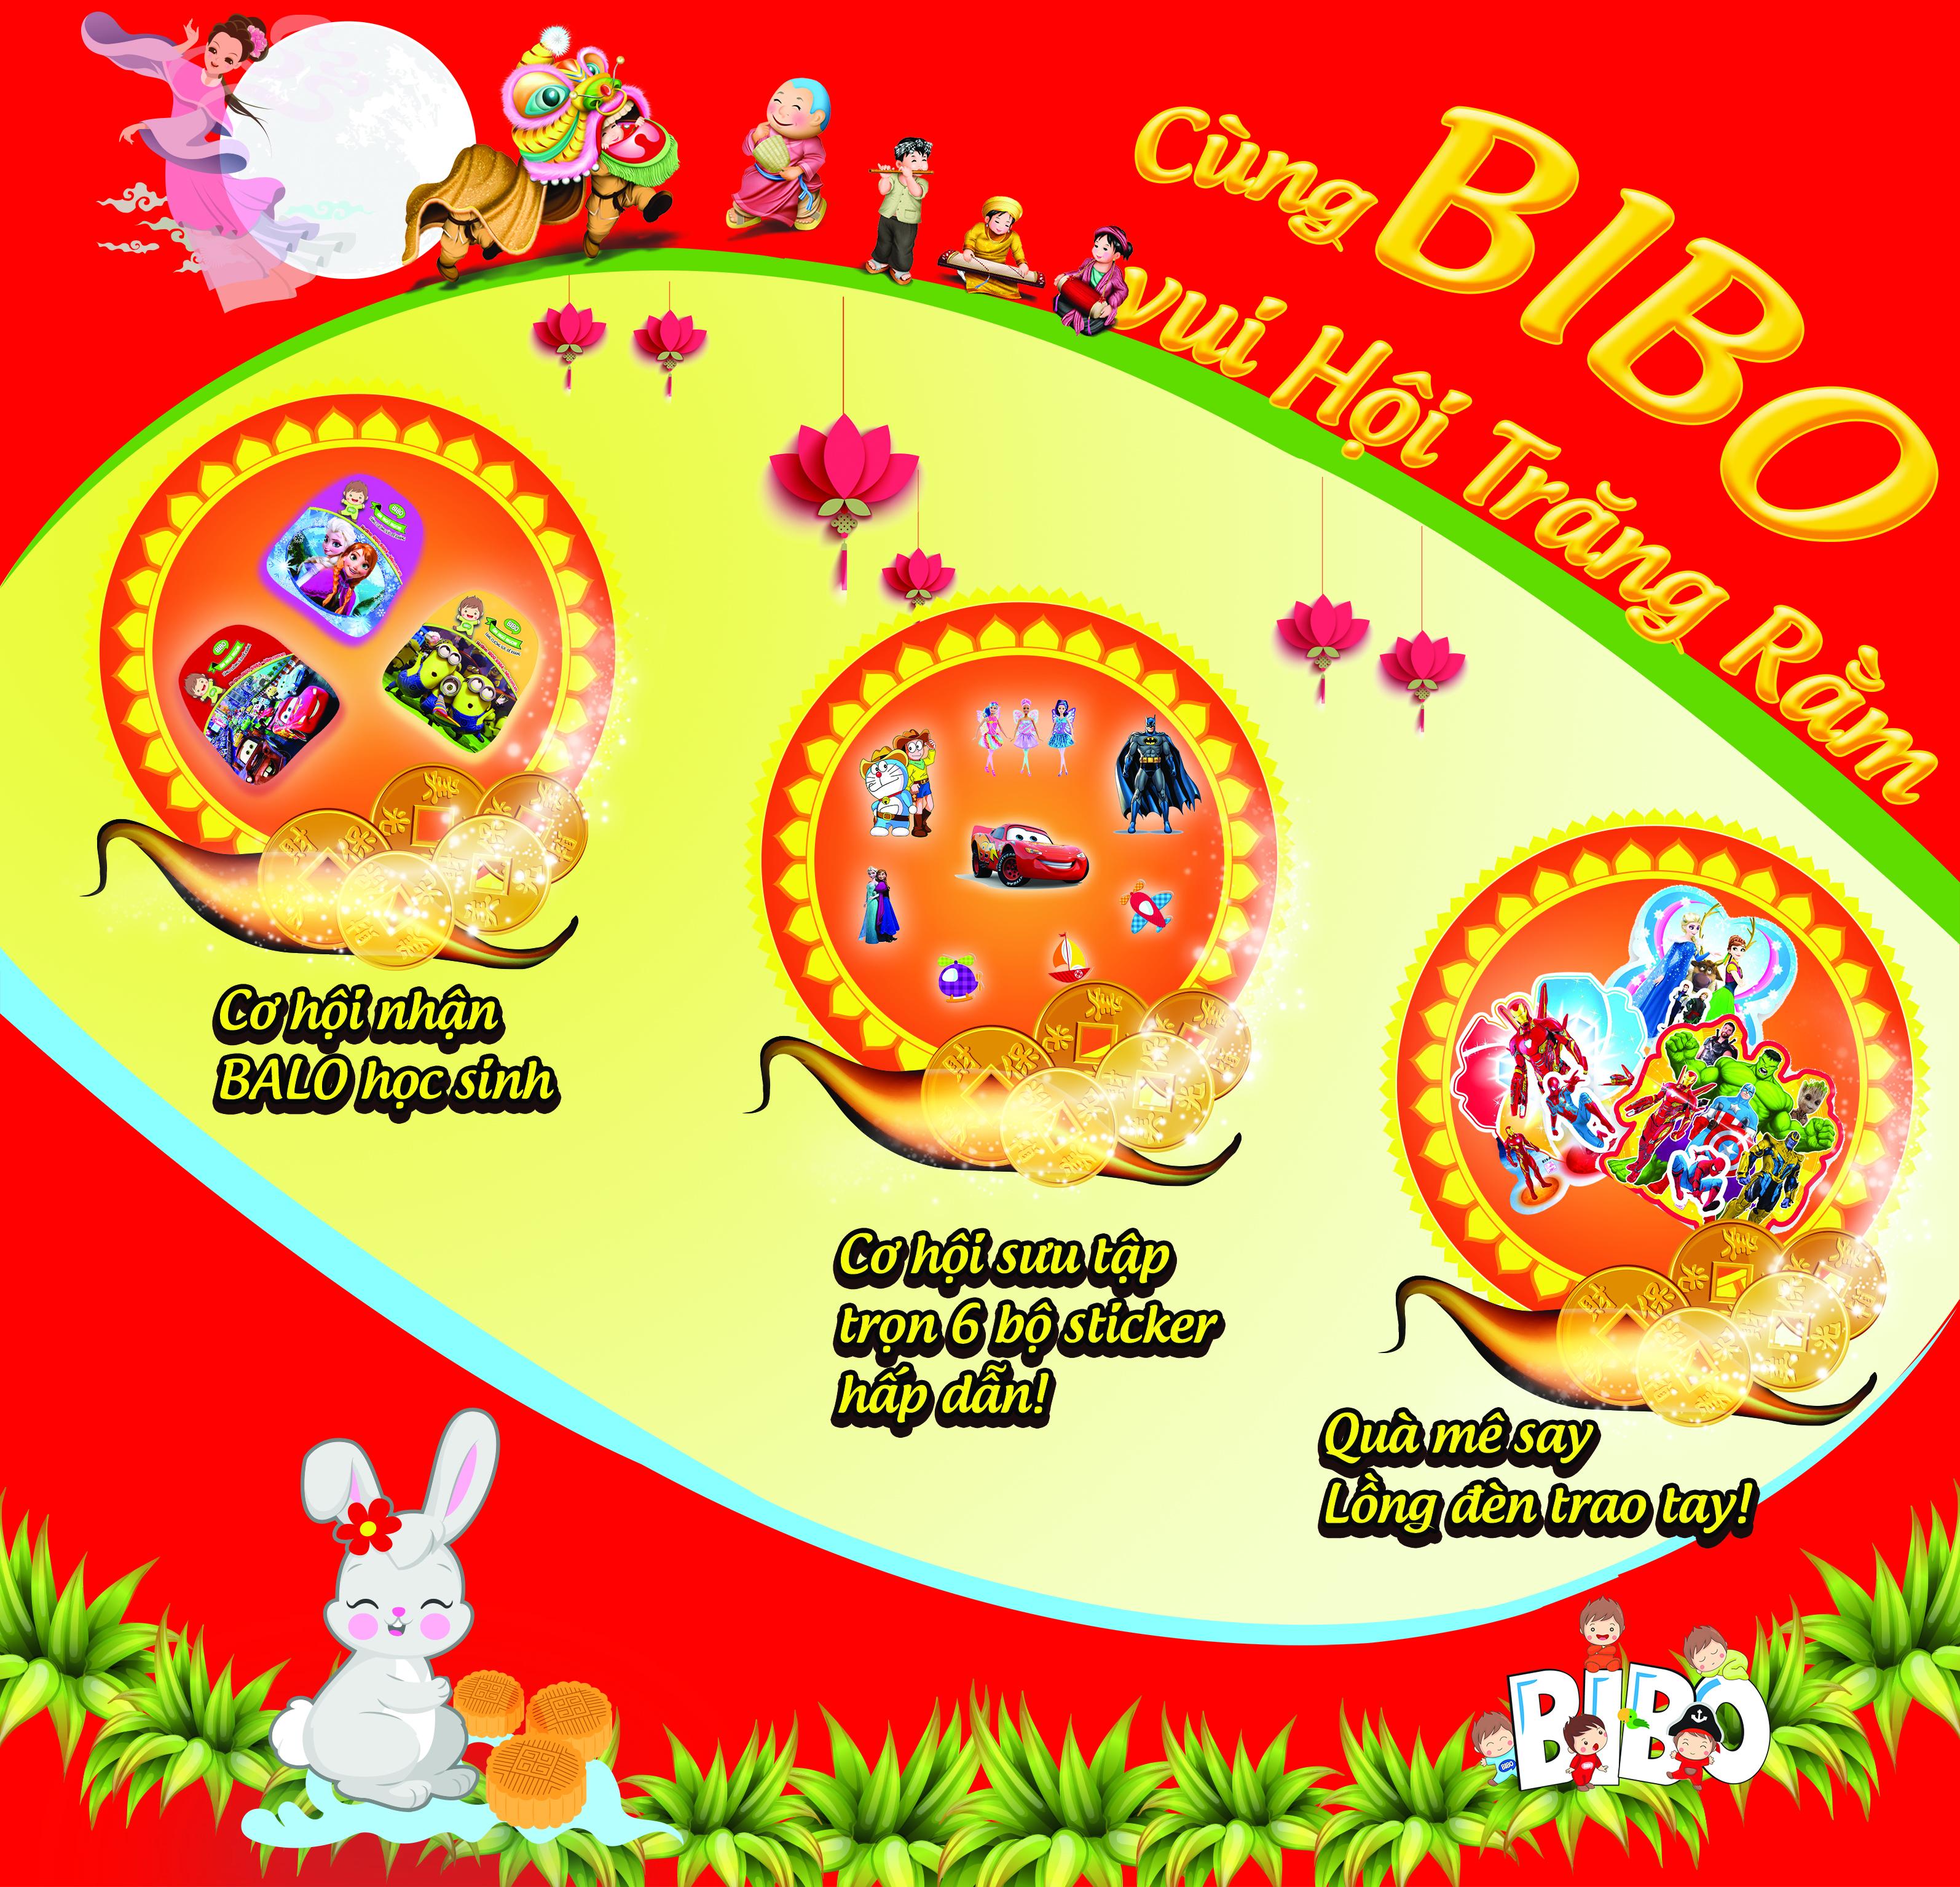 Cùng BIBO vui hội trăng rằm